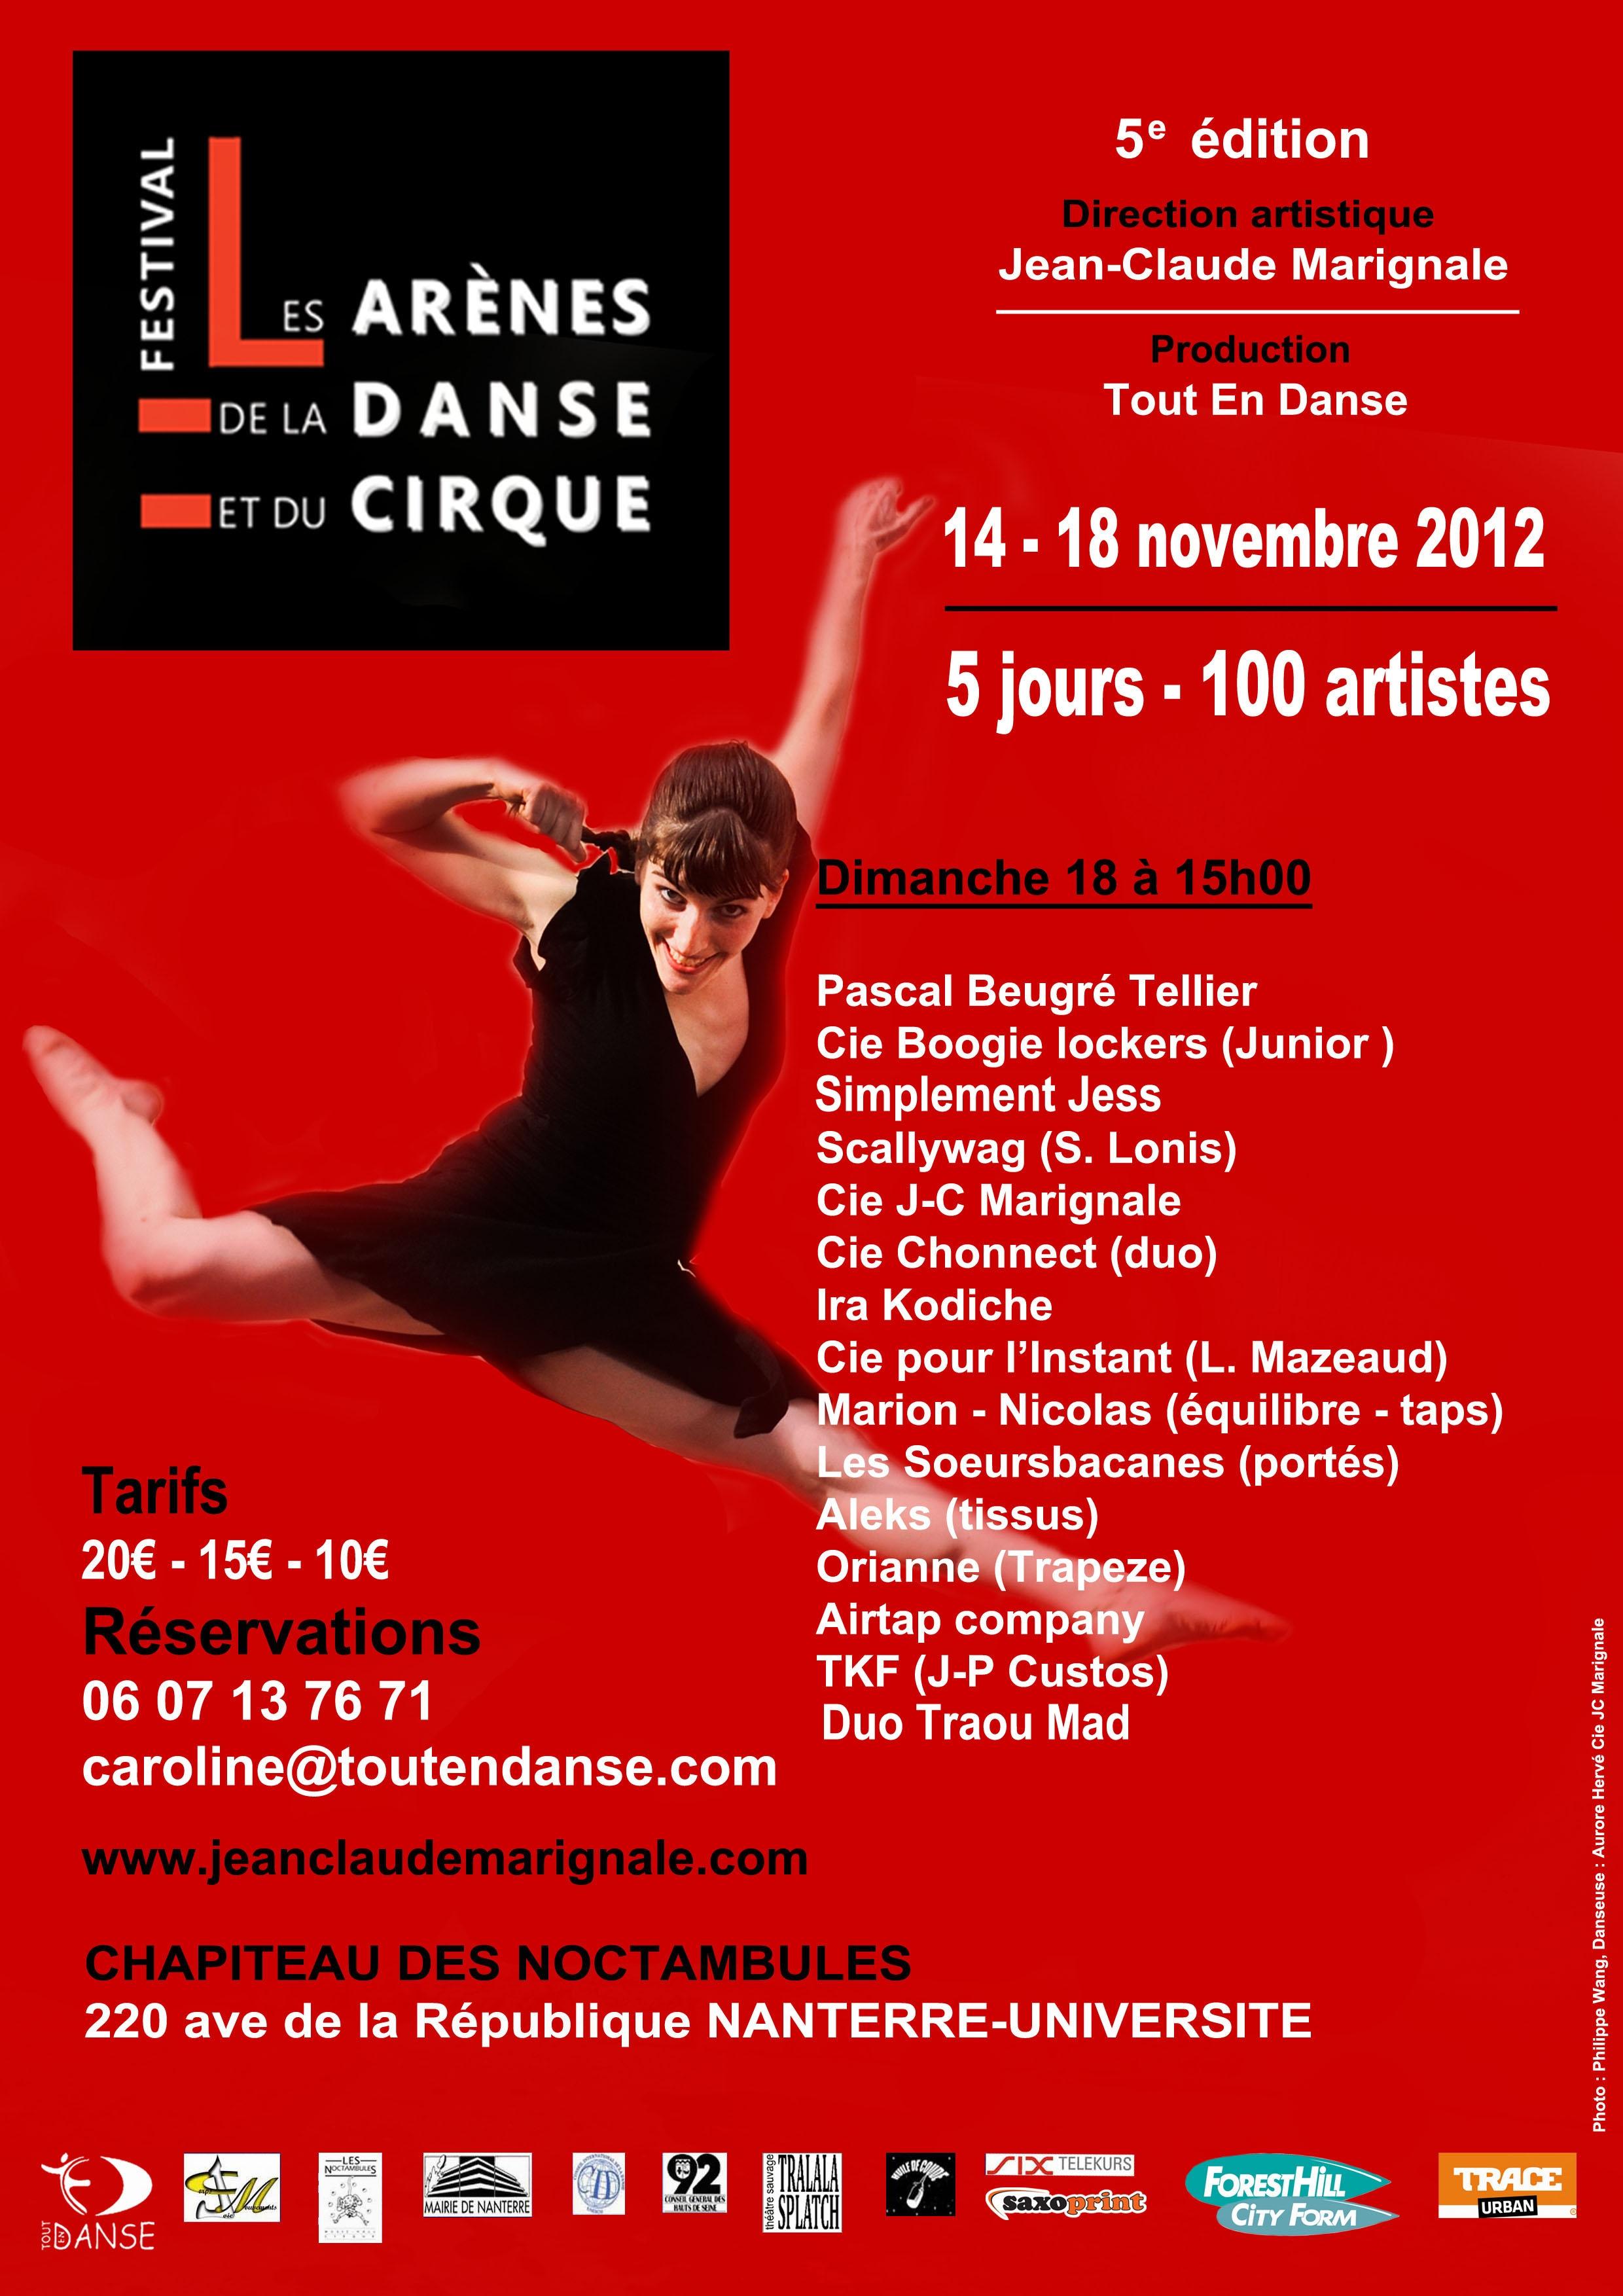 affiche-festival-12-aurore-flyers-p1-18-11-12-t.jpg